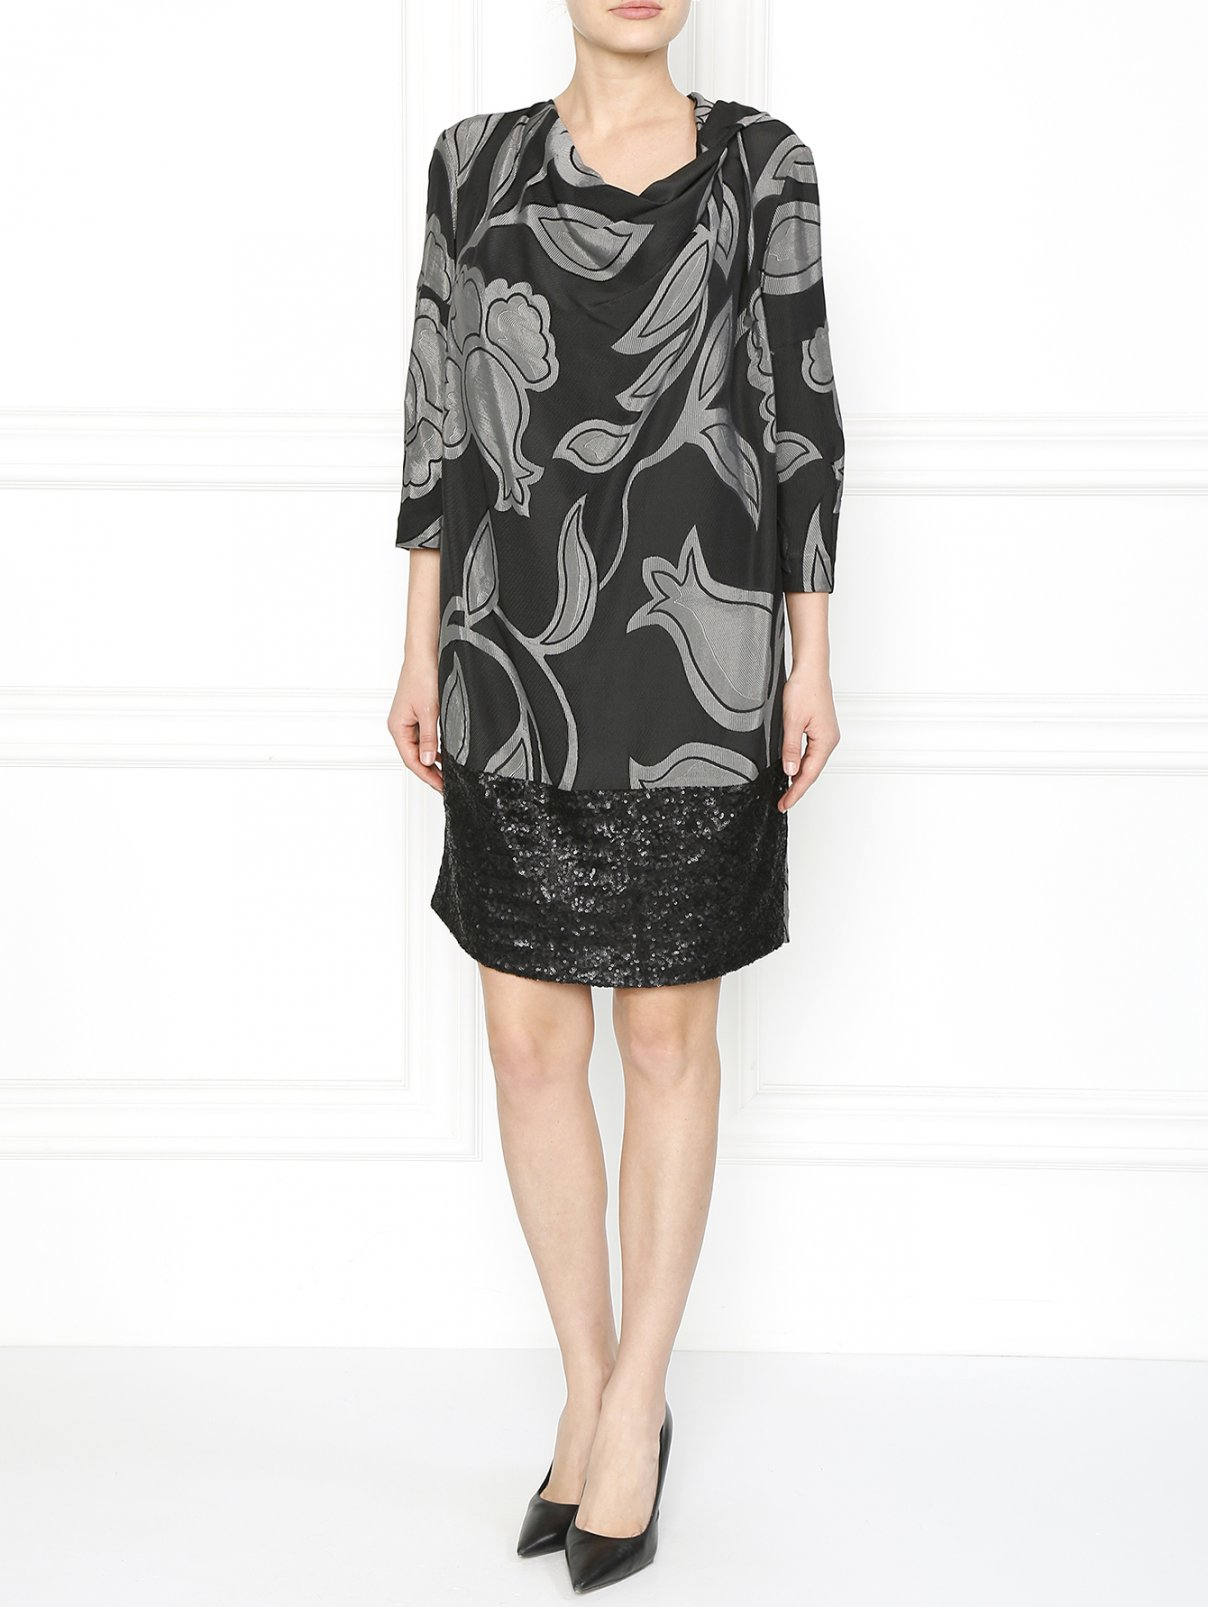 Платье с принтом декорированное пайетками Antonio Marras  –  Модель Общий вид  – Цвет:  Узор